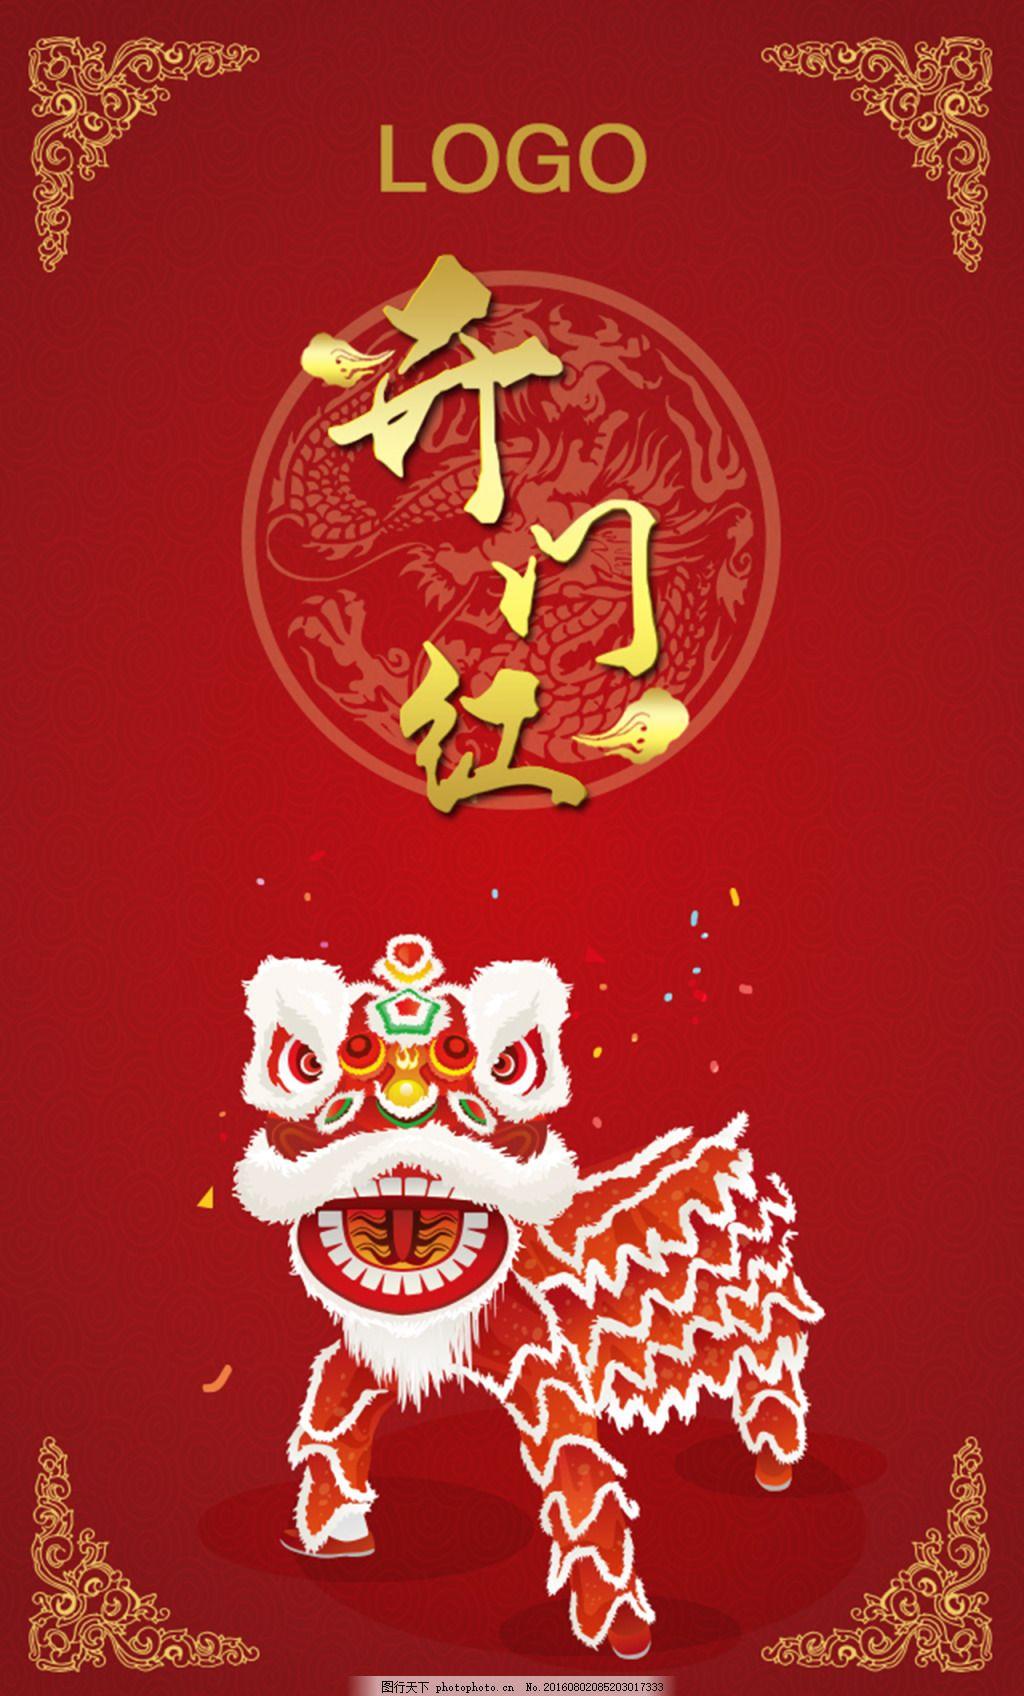 开门红 开业 舞龙舞狮 龙纹 彩花 中式背景 红底 中式边框 中式花纹